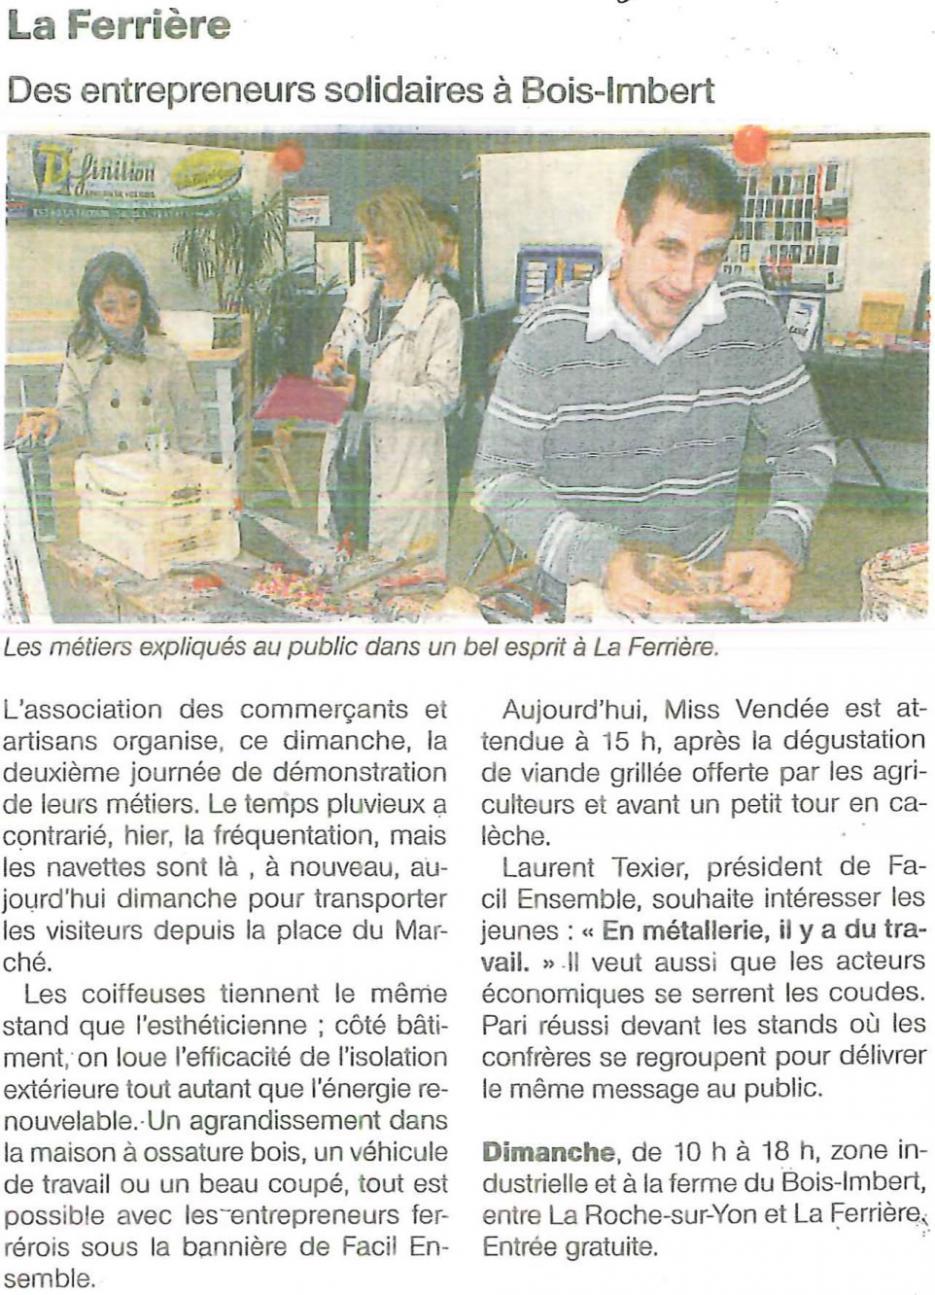 Des entrepreneurs solidaires à Bois-Imbert